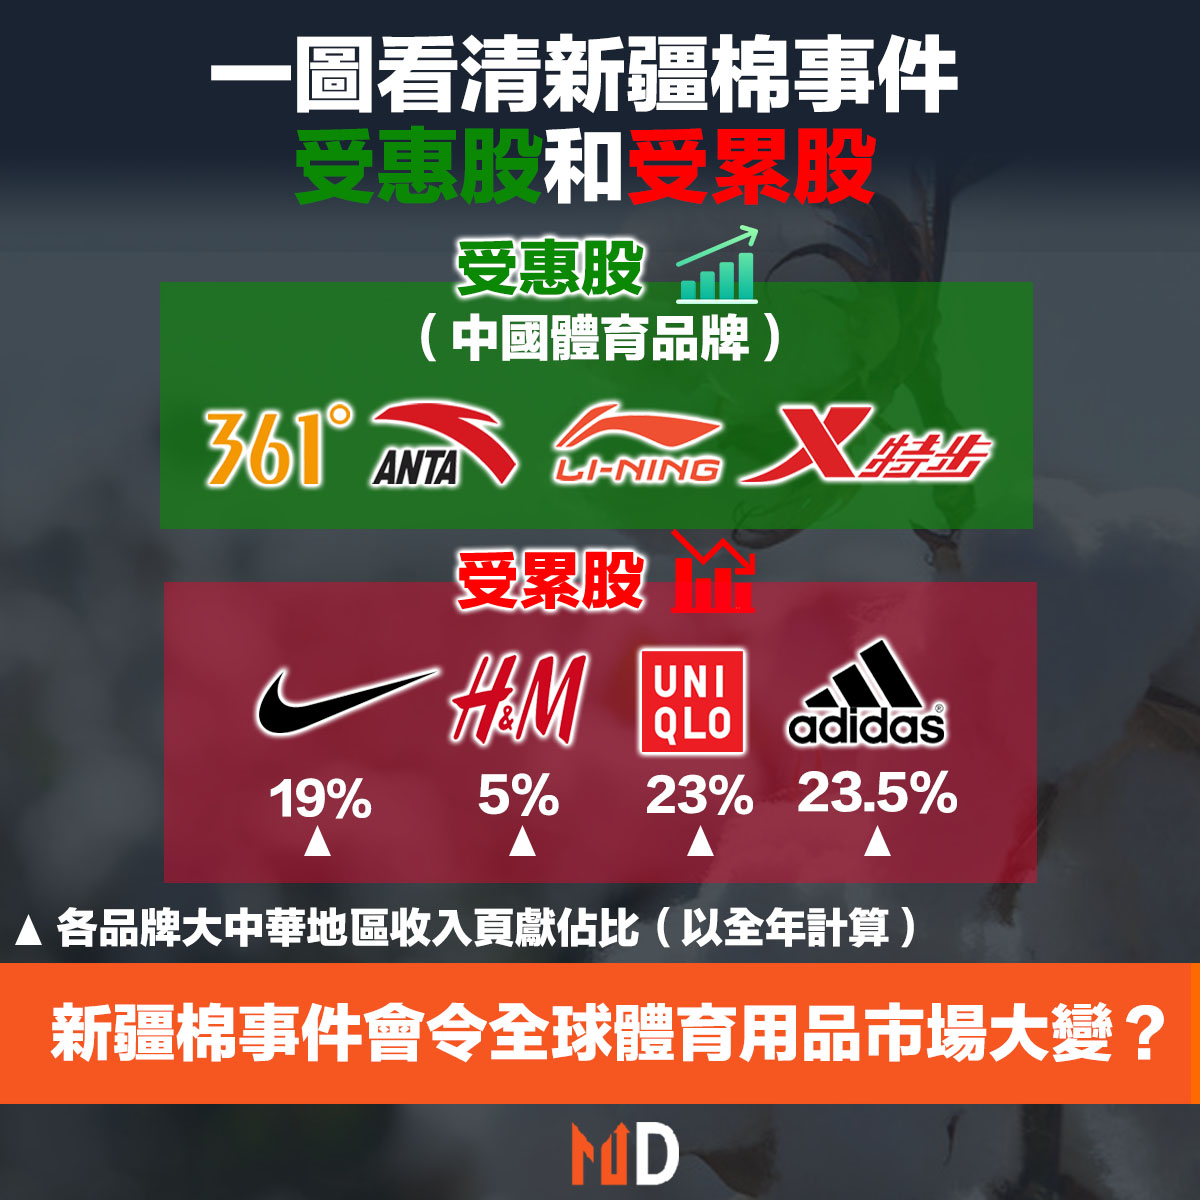 新疆棉, 體育品牌